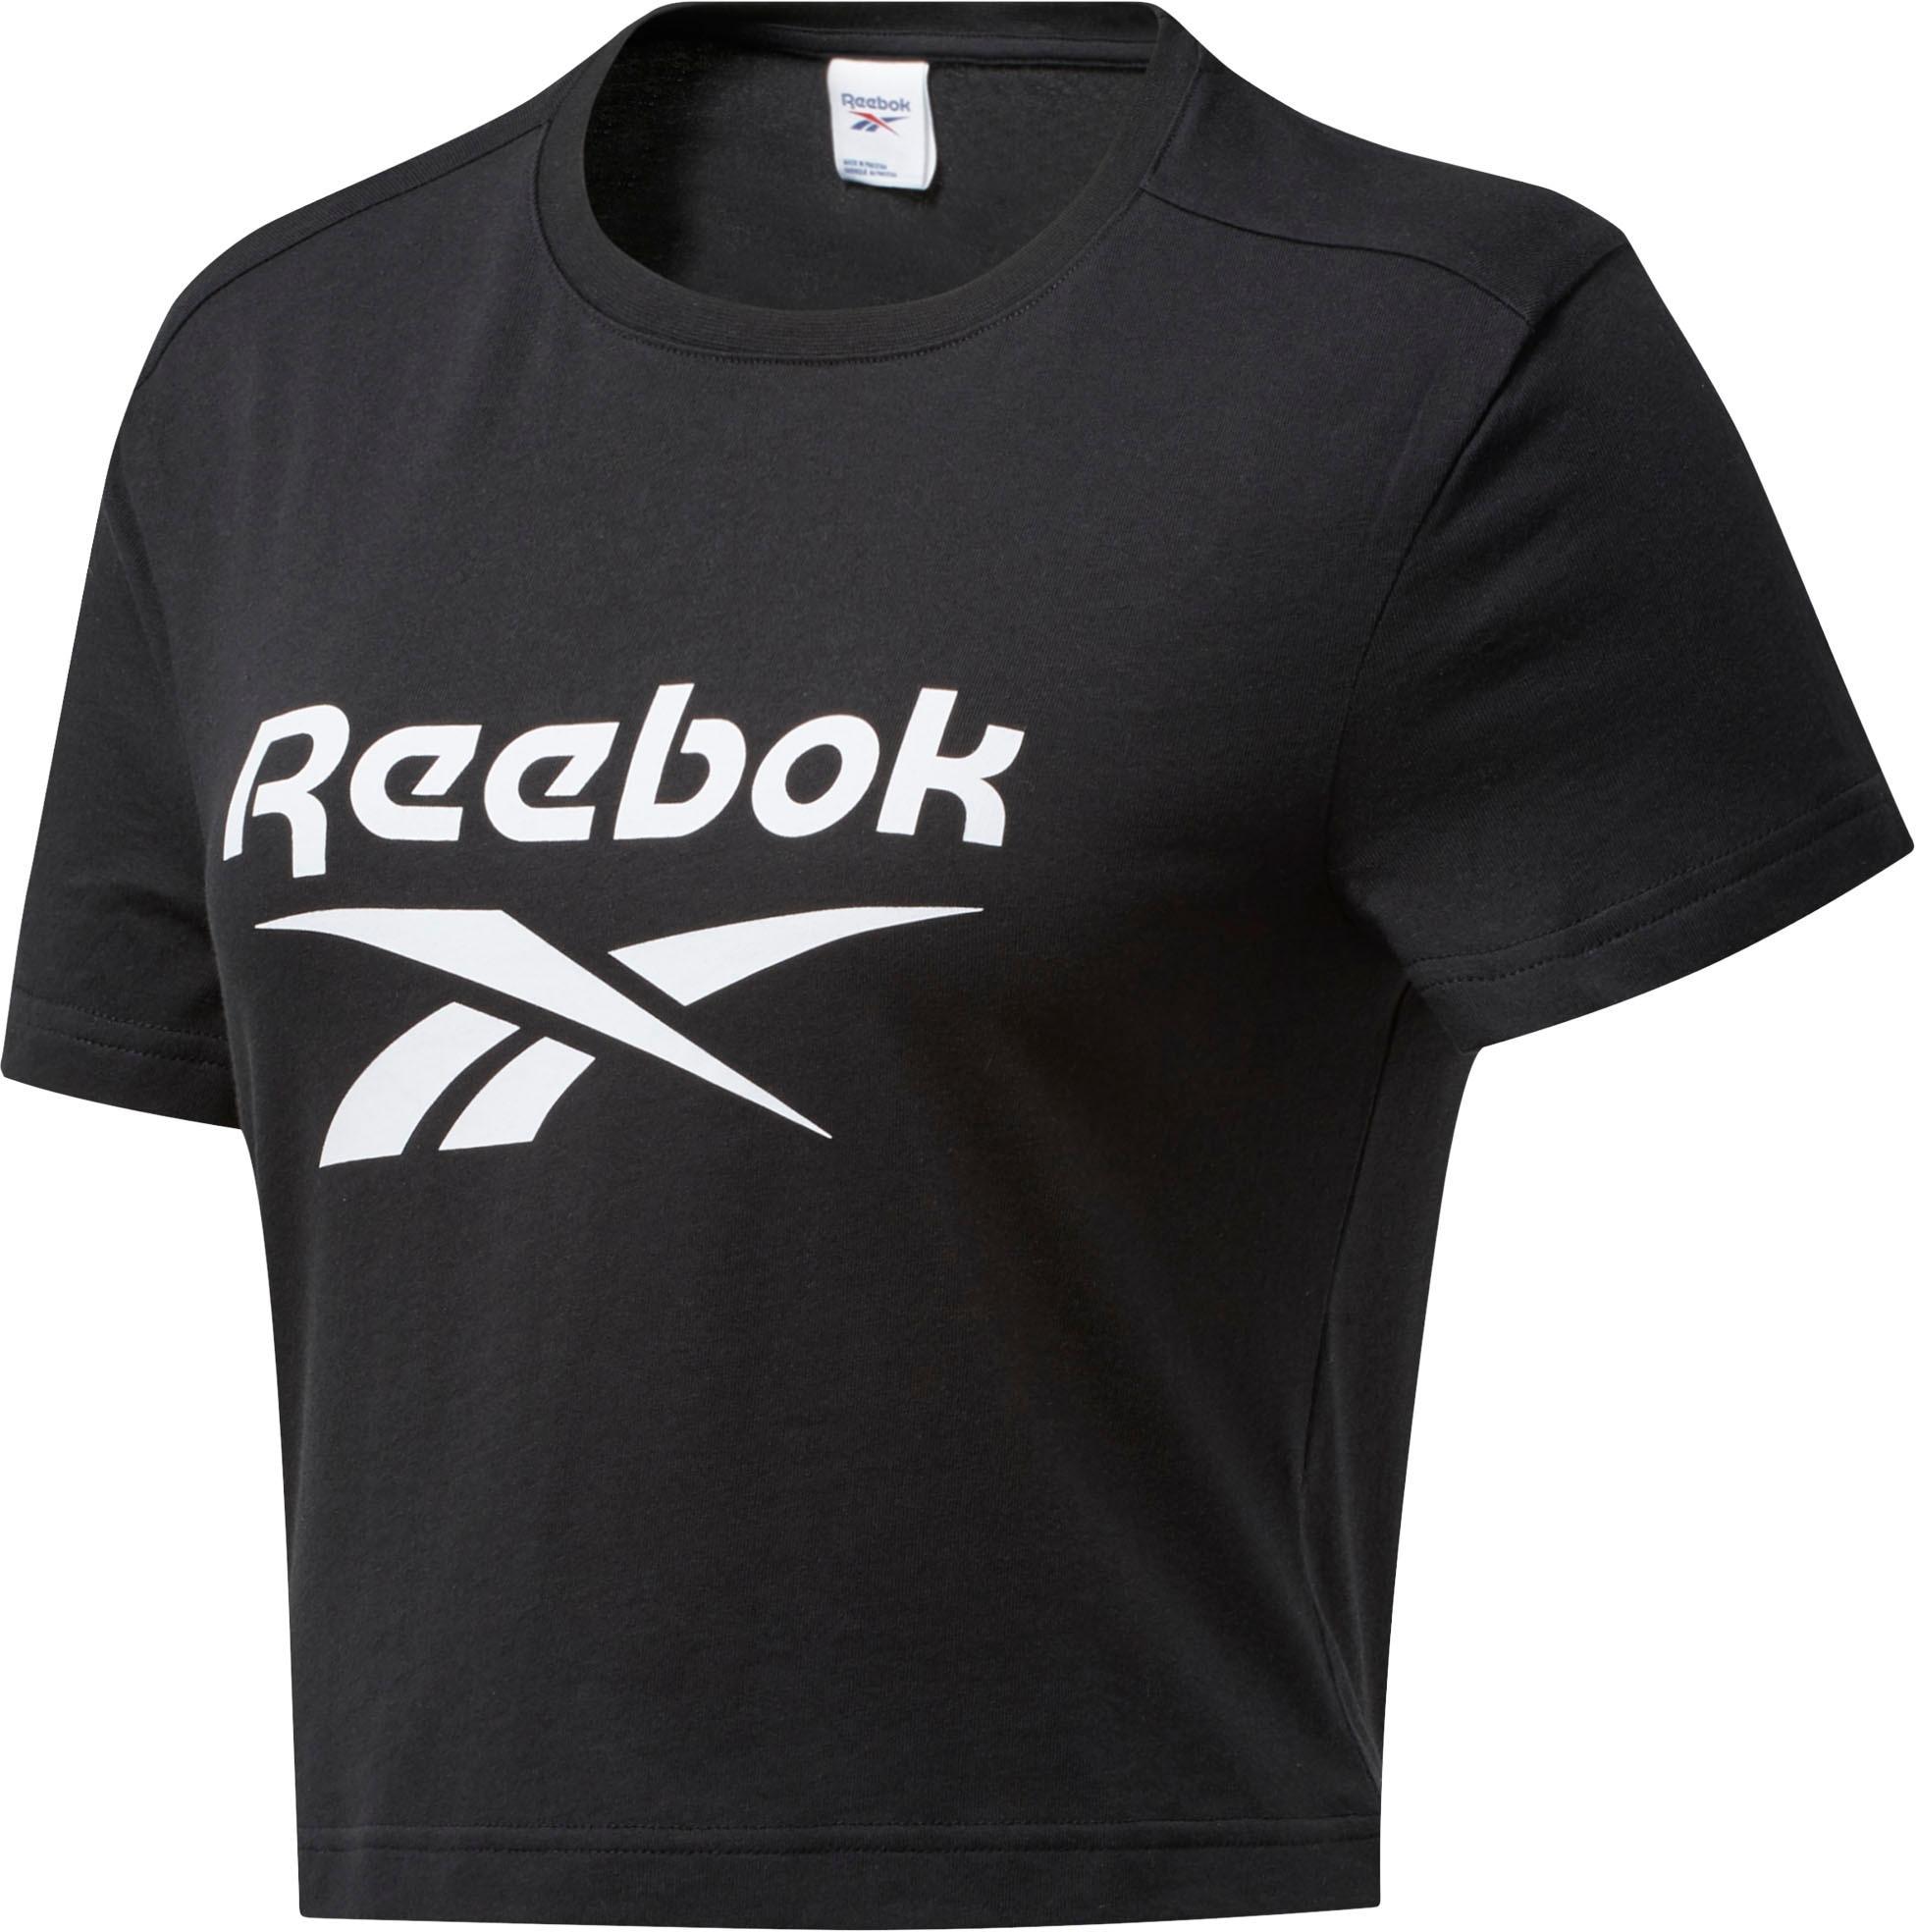 Reebok Classic T-Shirt CLASSIC BIG LOGO TEE schwarz Damen T-Shirts Shirts Sweatshirts